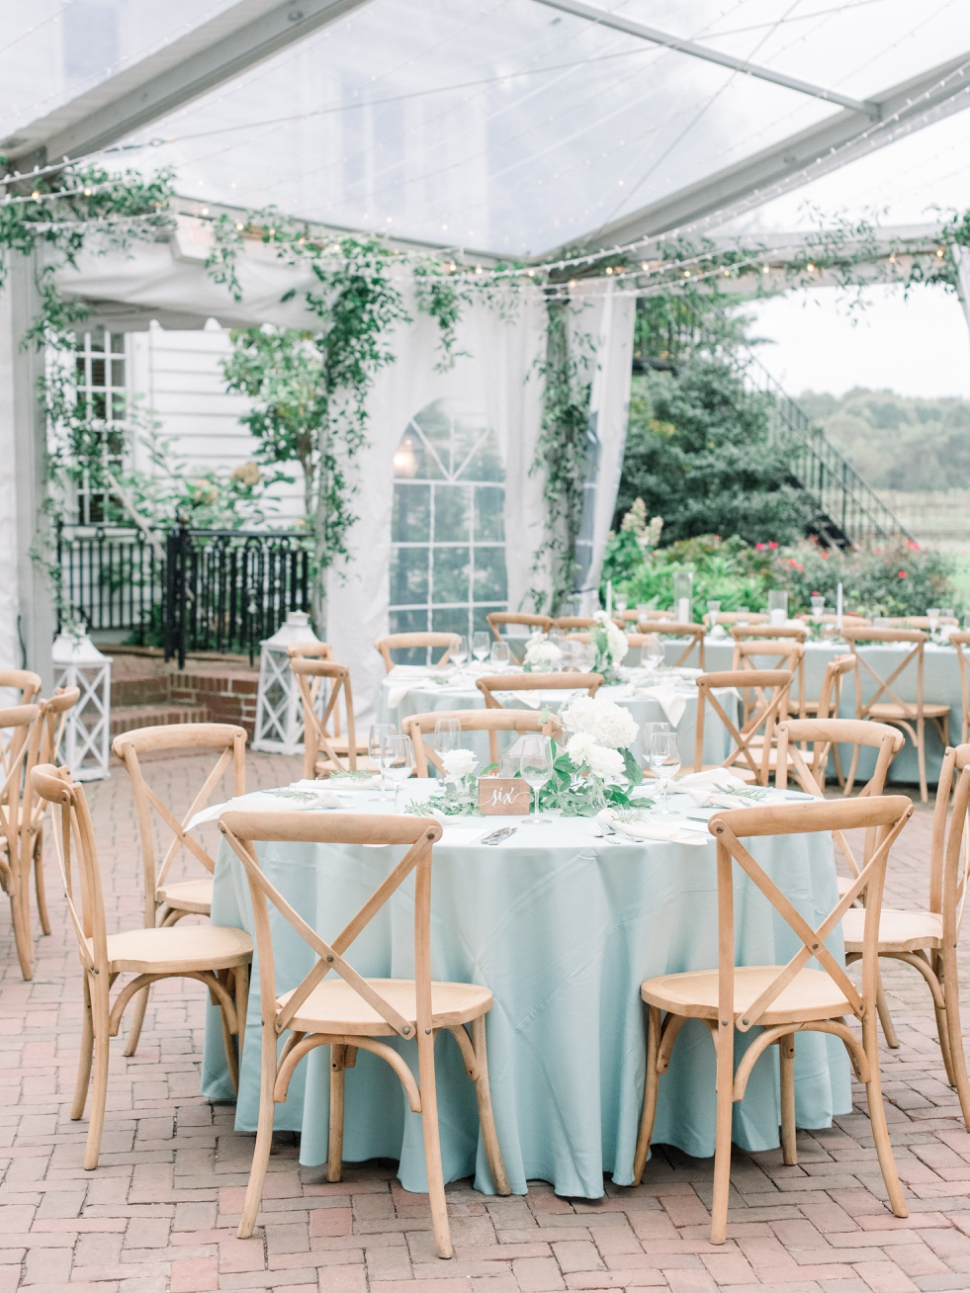 New-Jersey-Wedding-Photographer-Cassi-Claire-Inn-at-Fernbrook-Farms-Wedding_35.jpg